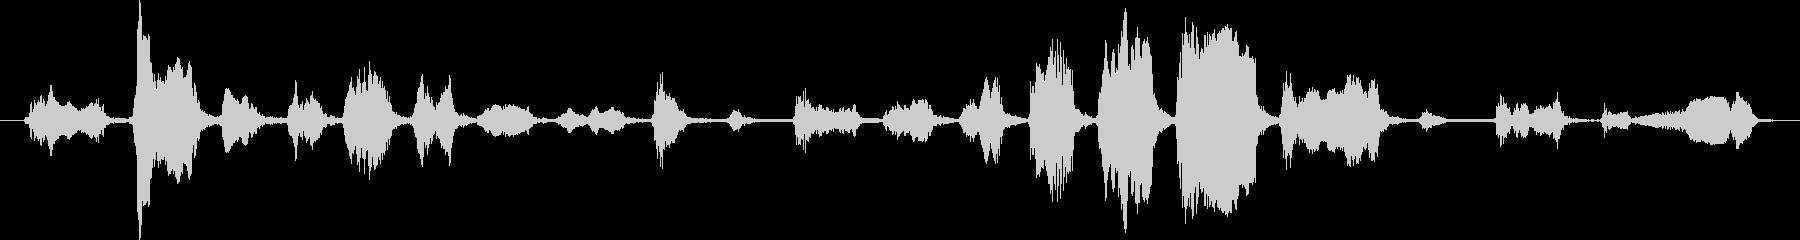 ジャーマンシェパード:うめき声と泣...の未再生の波形